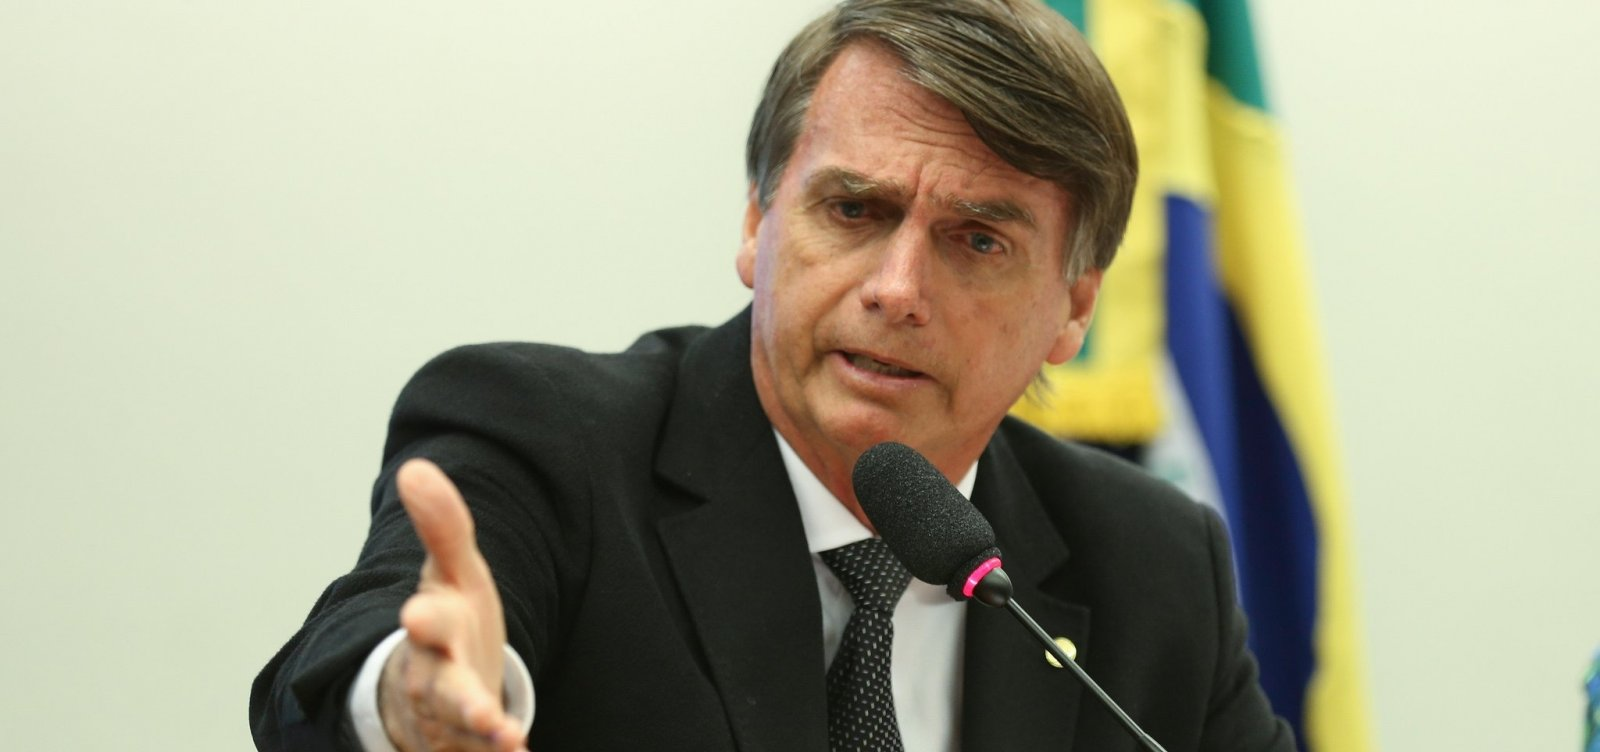 [Mudança de embaixada para Jerusalém 'não está decidida', diz Bolsonaro]